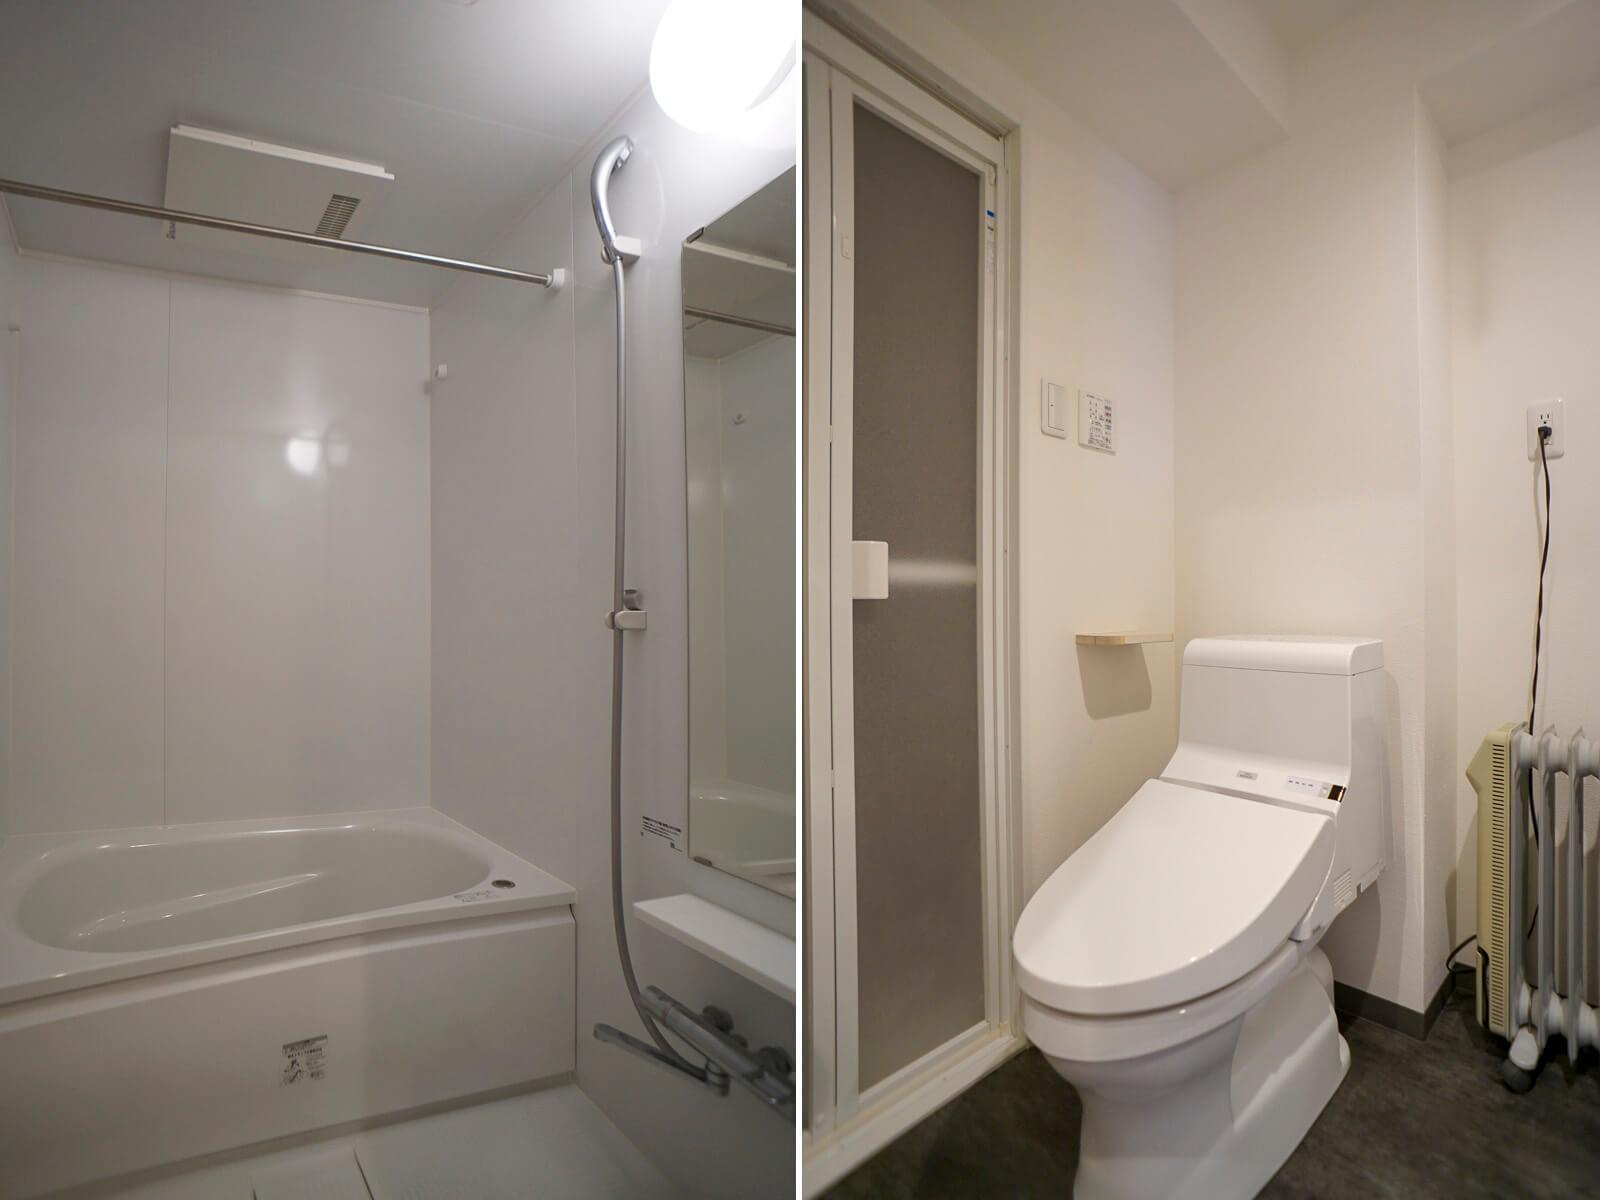 浴室は乾燥機と追いだき機能付き